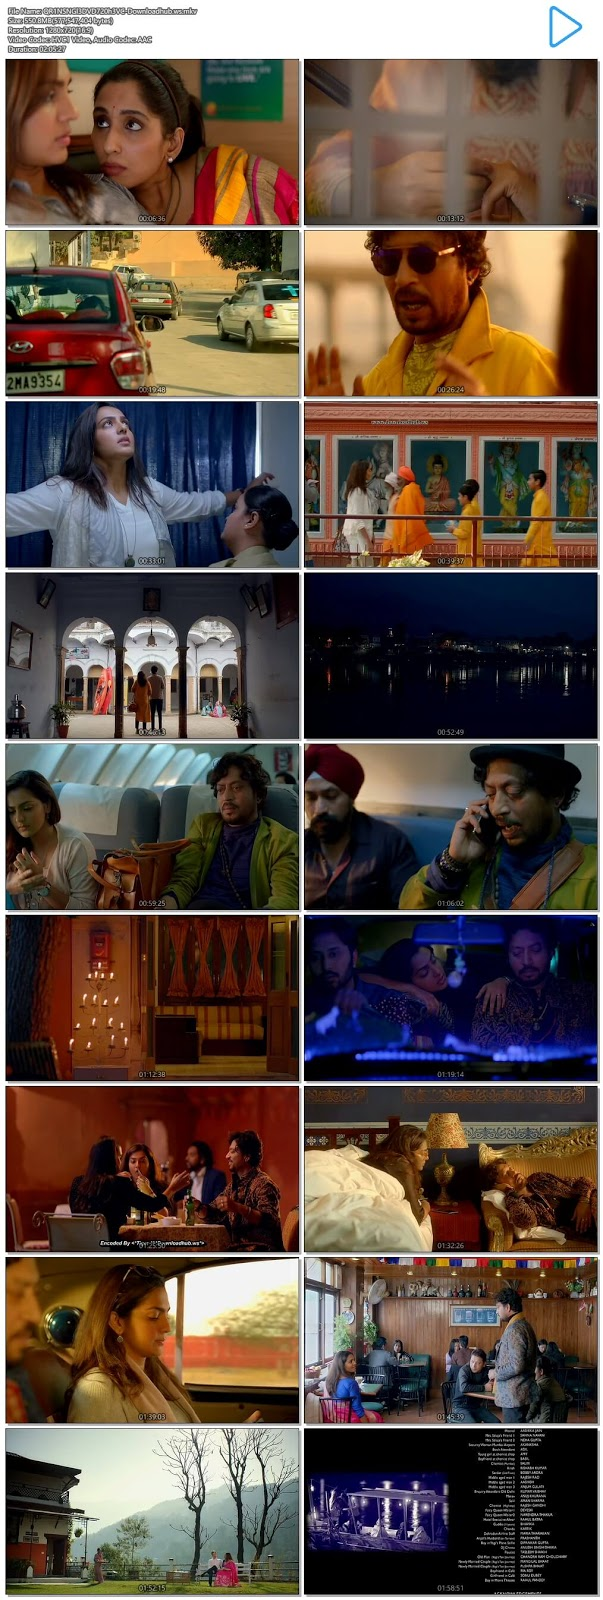 Qarib Qarib Singlle 2017 Hindi 720p HEVC DVDRip ESubs